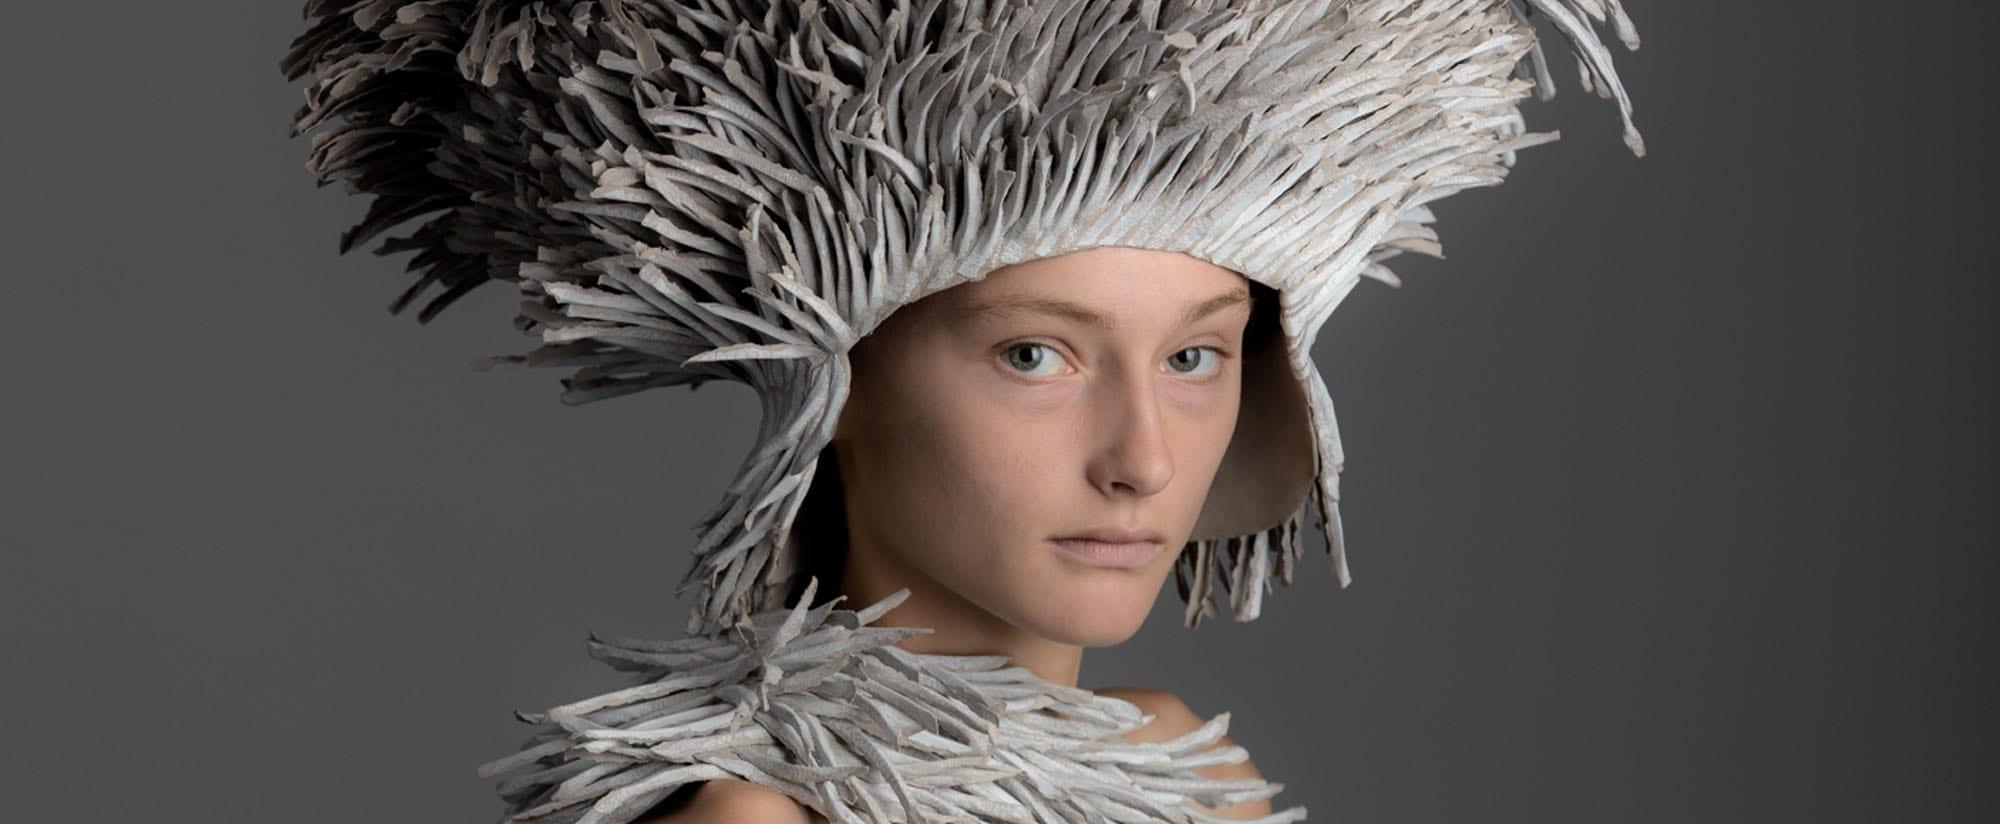 ביאנקה ספריינס - Fashion Israel - 2020 חדשות אופנה 2020, כתבות אופנה 2020, טרנדים 2020, מגזין אופנה ישראלי, אופנה -